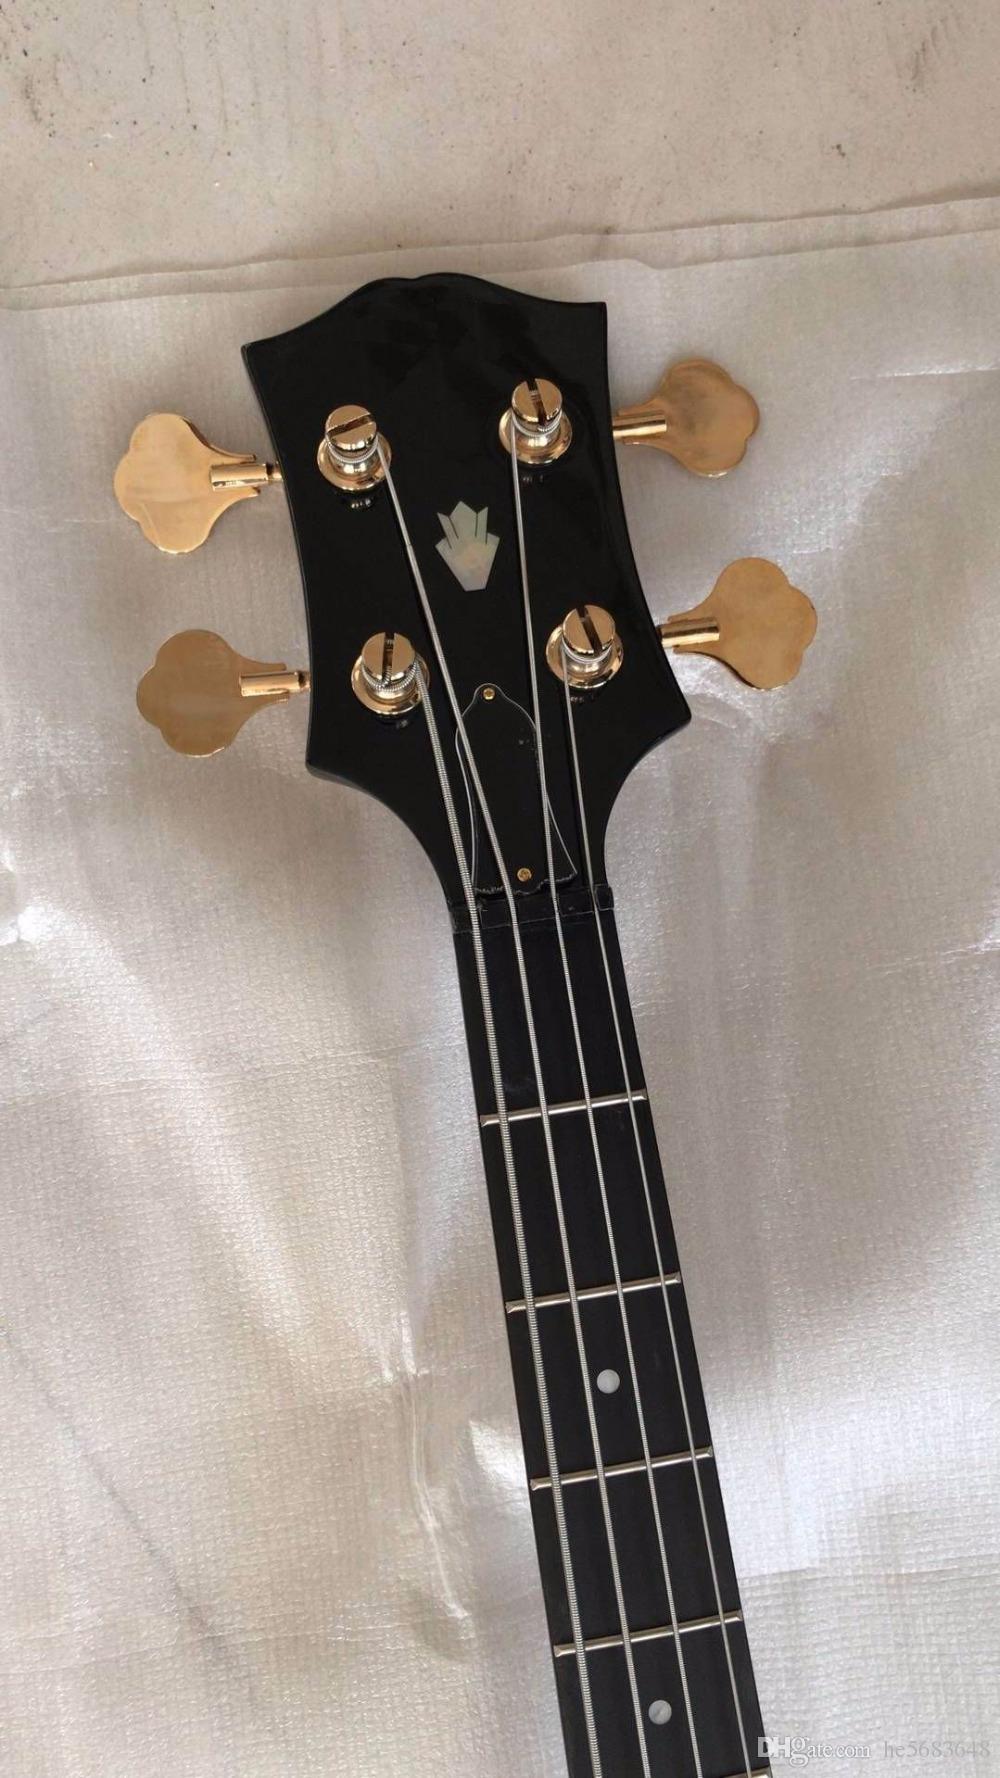 목탄 버스트에 도매 새로운 4 문자열 일렉트릭베이스 기타 세미 할로우 바디 171110